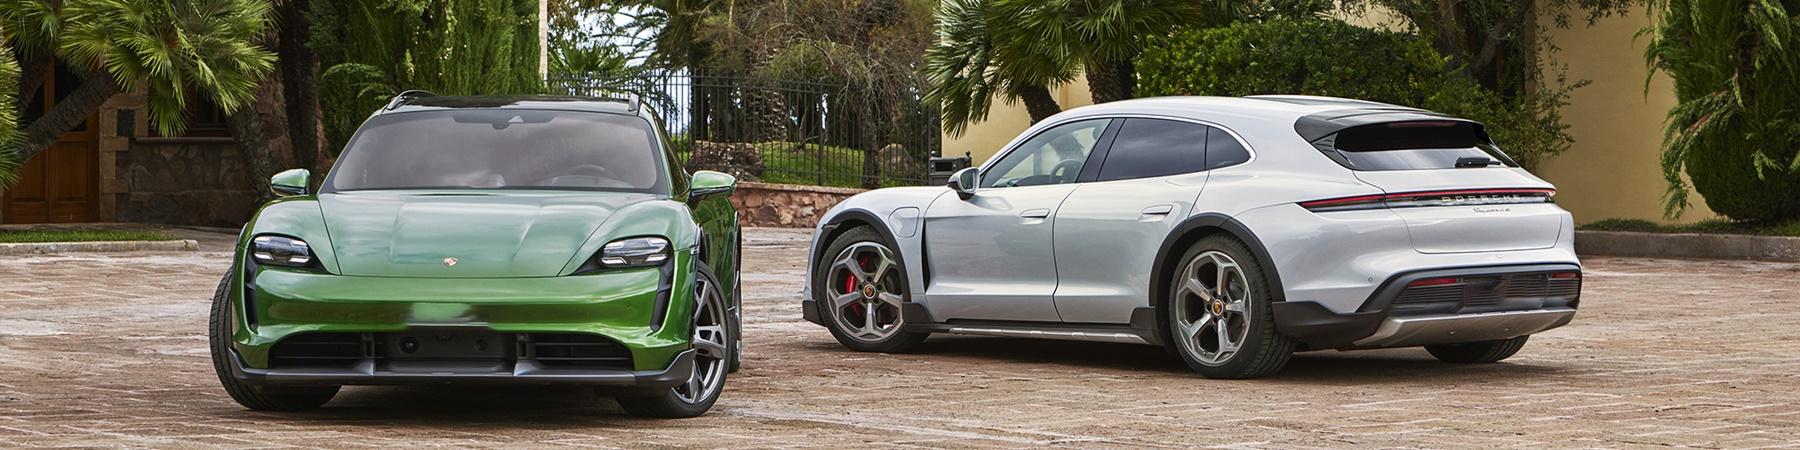 Porsche Taycan Cross Turismo 83.7kWh 331 km actieradius